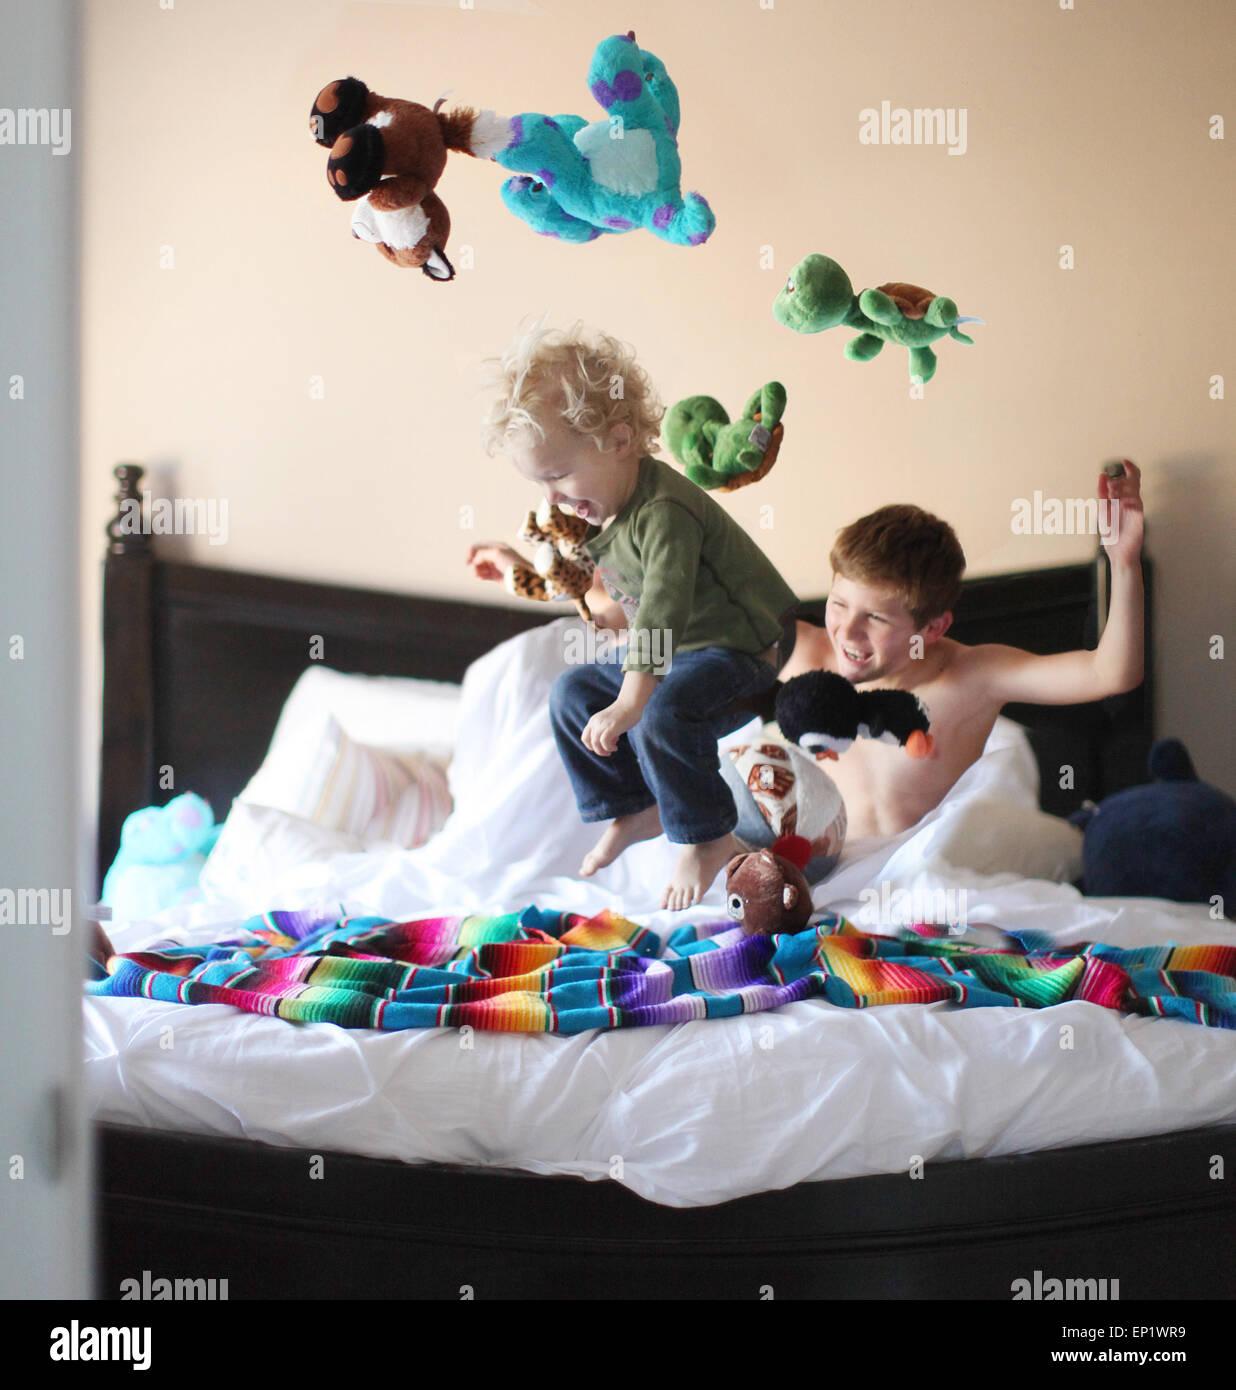 Garçon sautant sur lit frères et jetant des jouets mous dans l'air Photo Stock